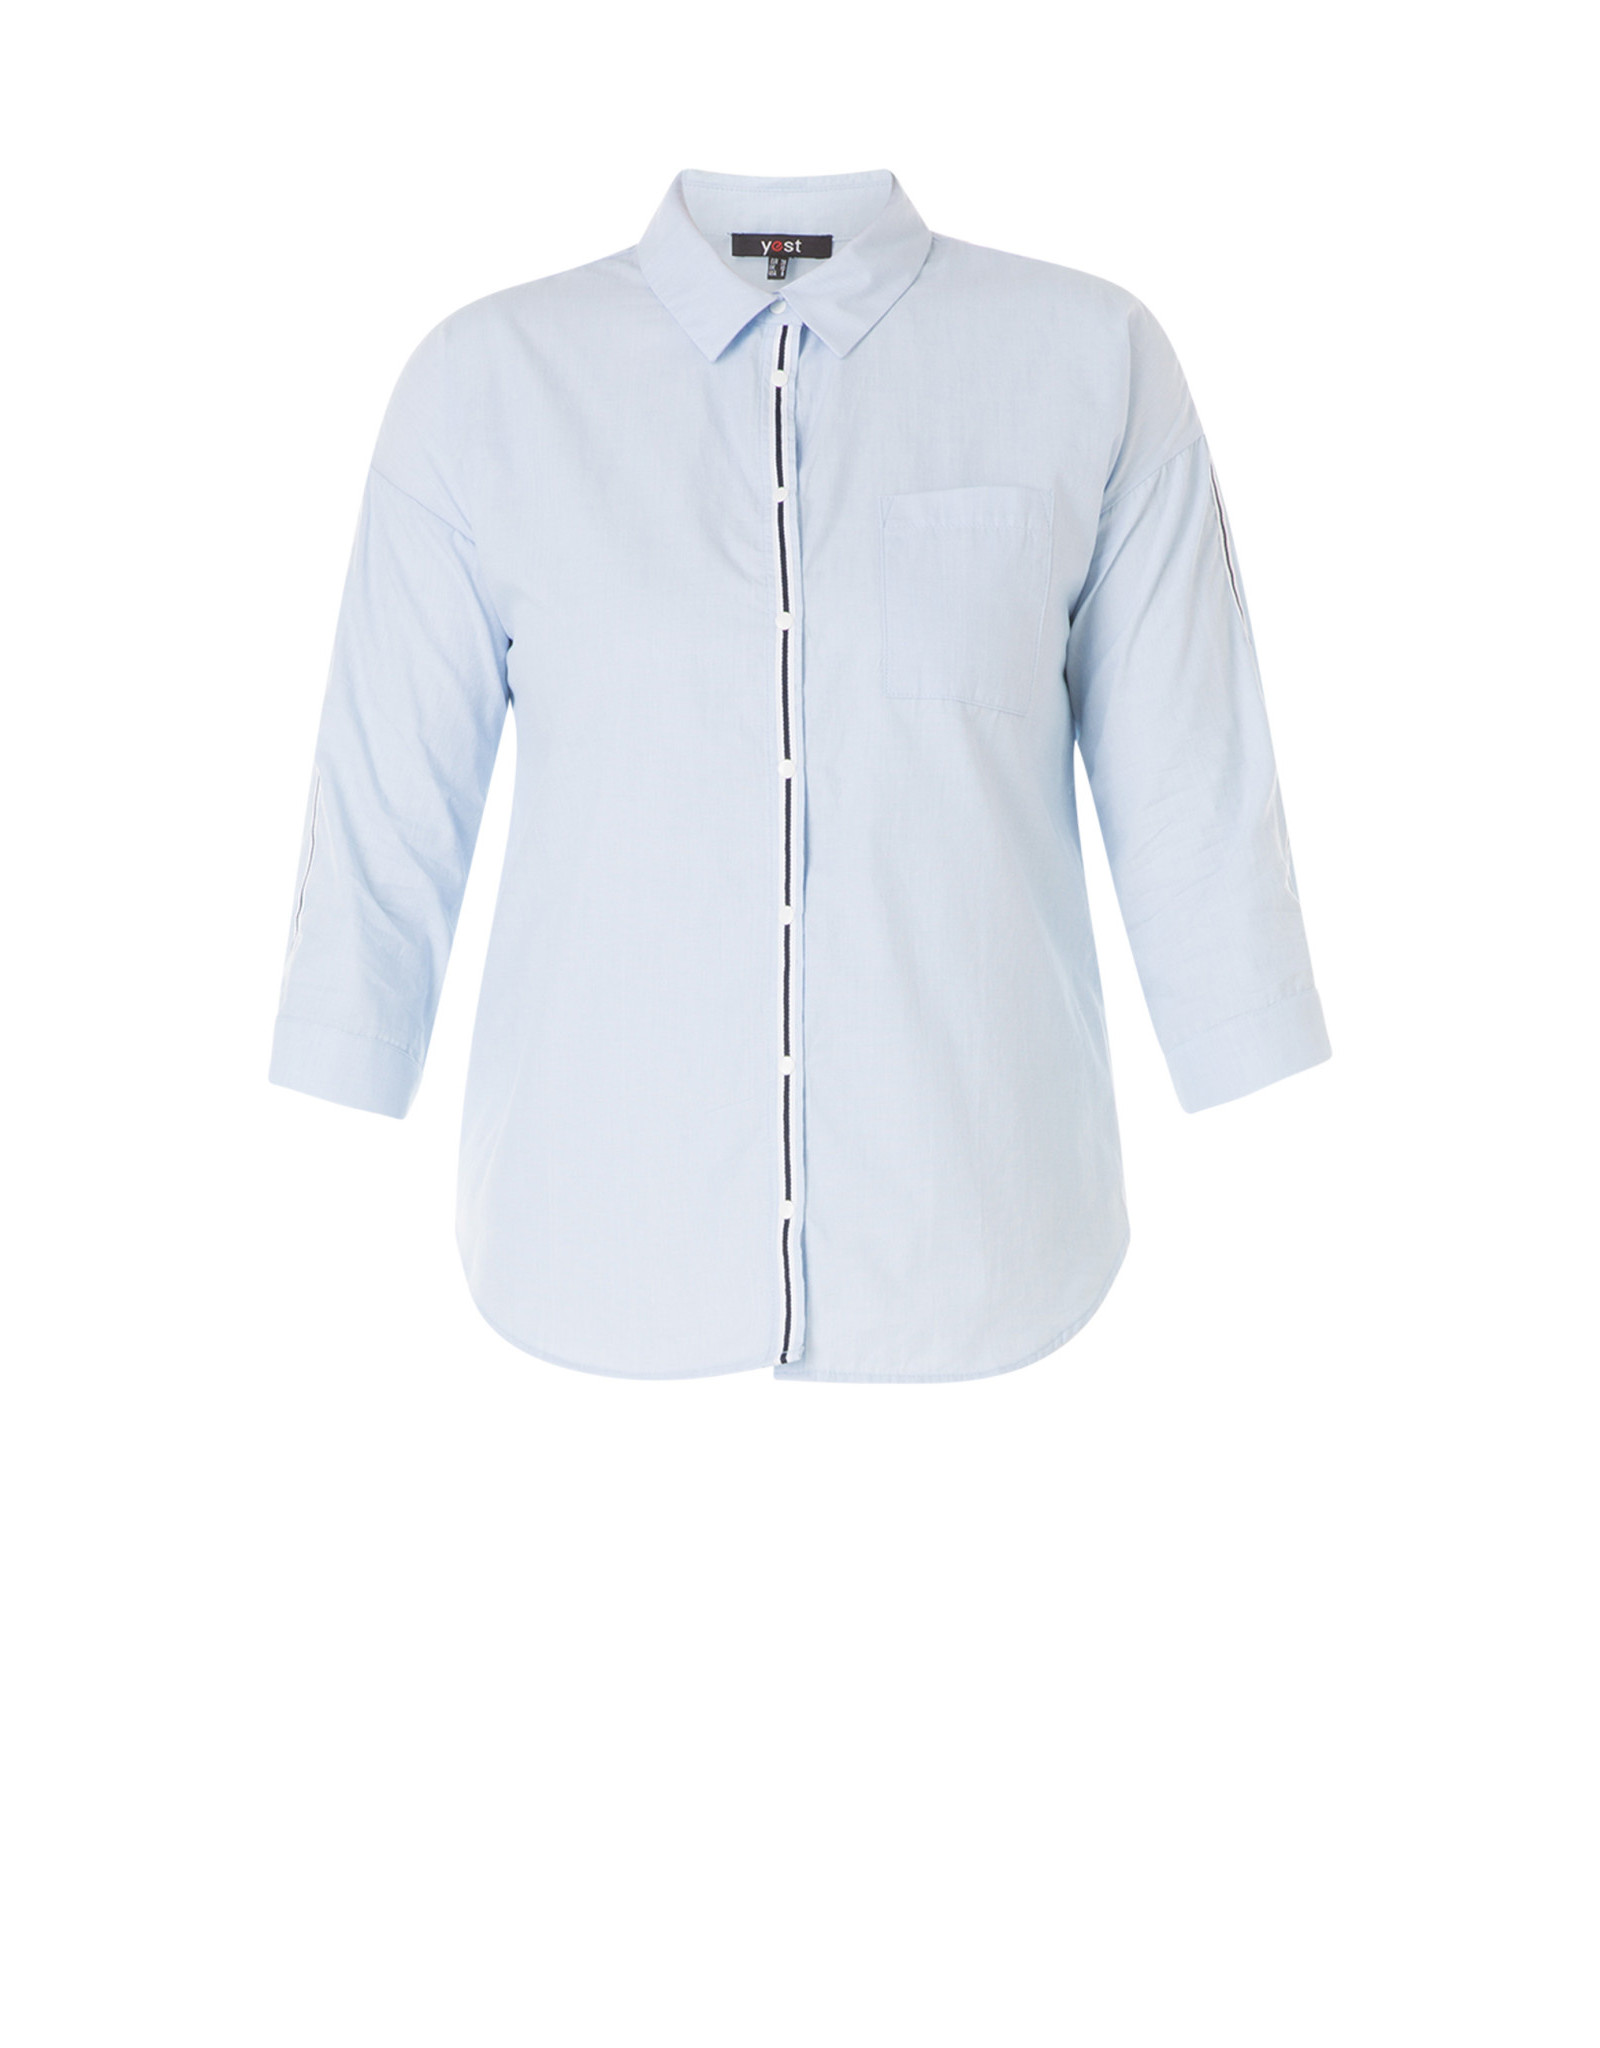 Yest Yest Stripe Detail Shirt